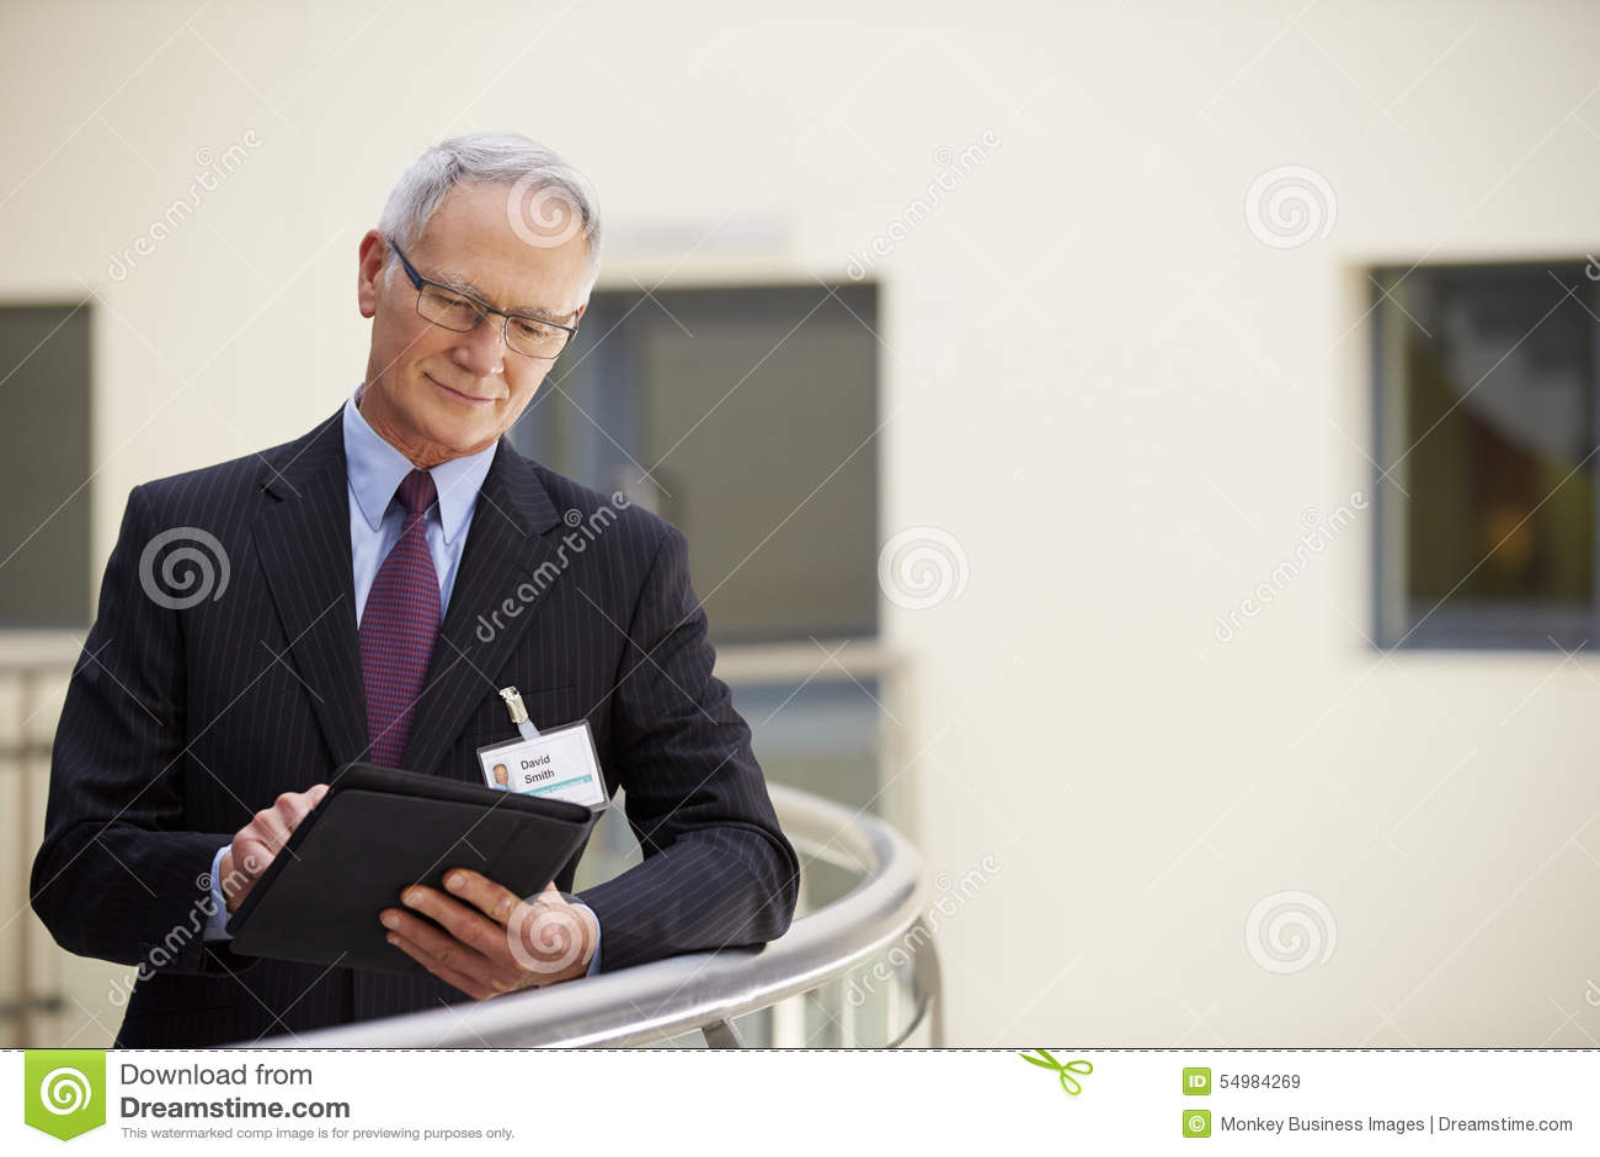 Manlig konsulent Using Digital Tablet i sjukhus